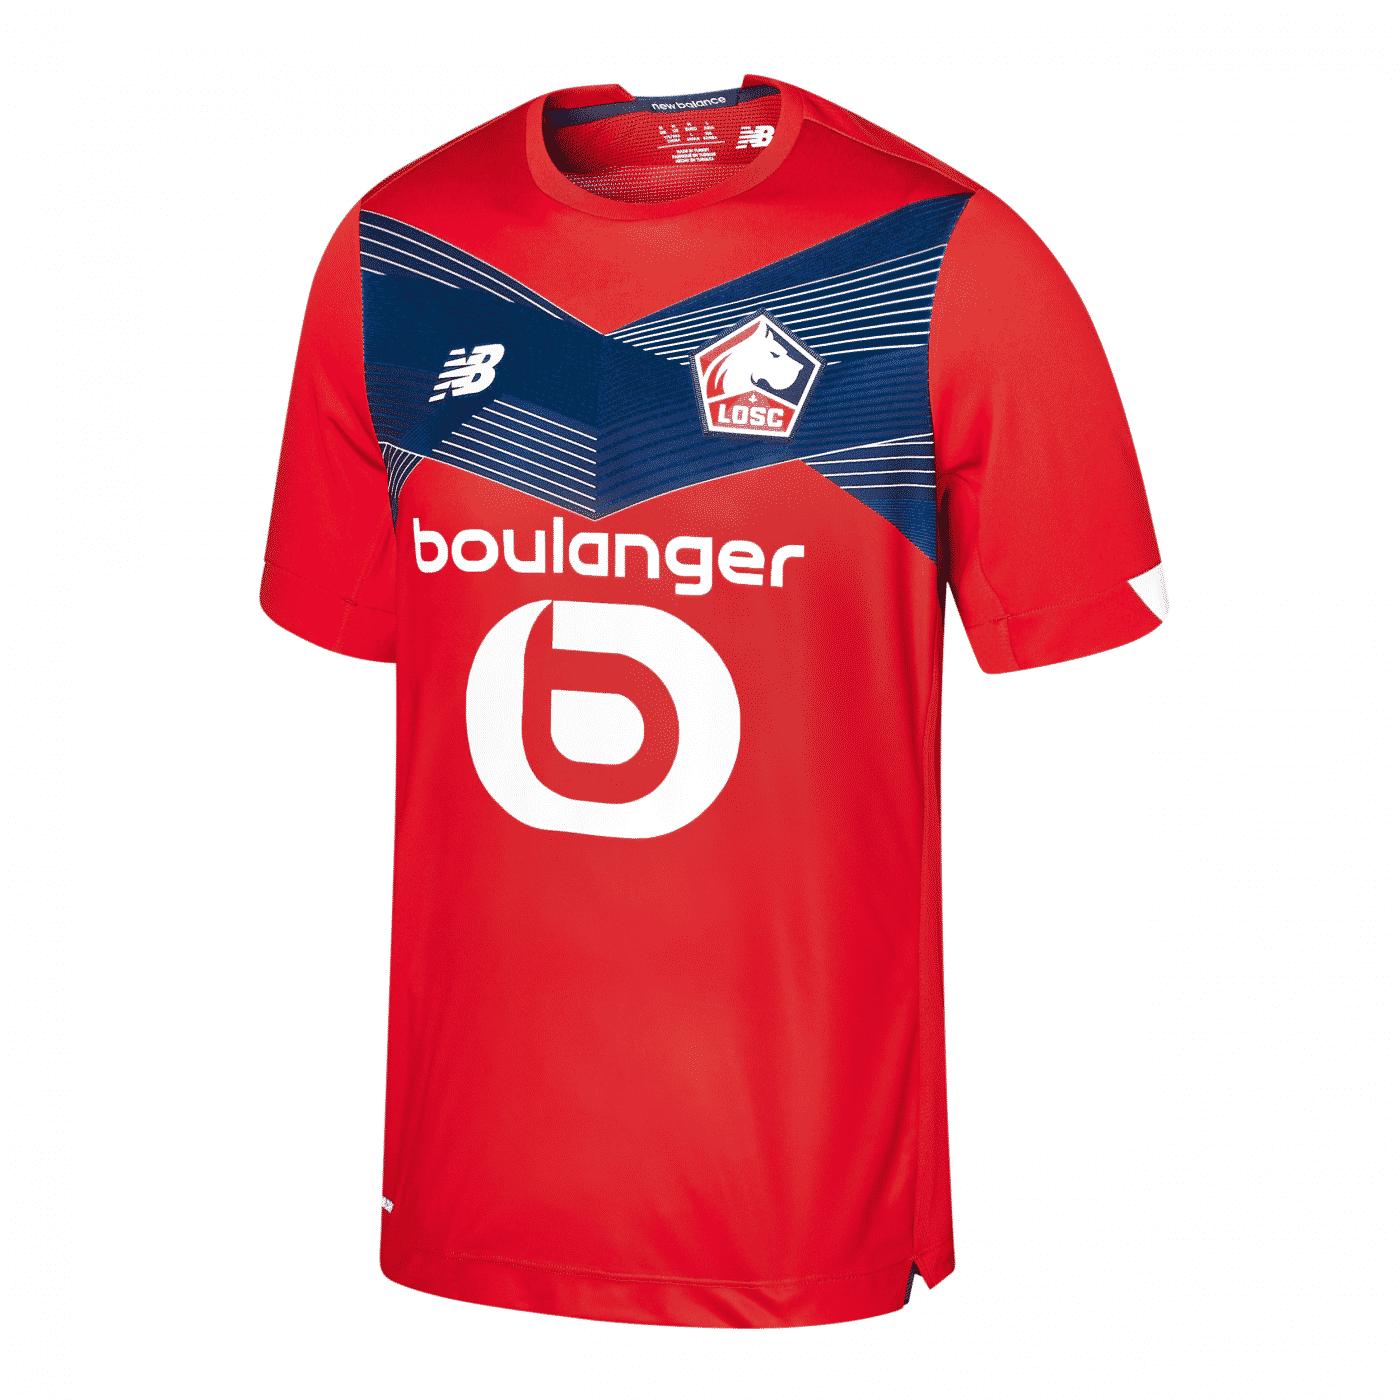 maillot-domicile-lille-losc-2020-2021-new-balance